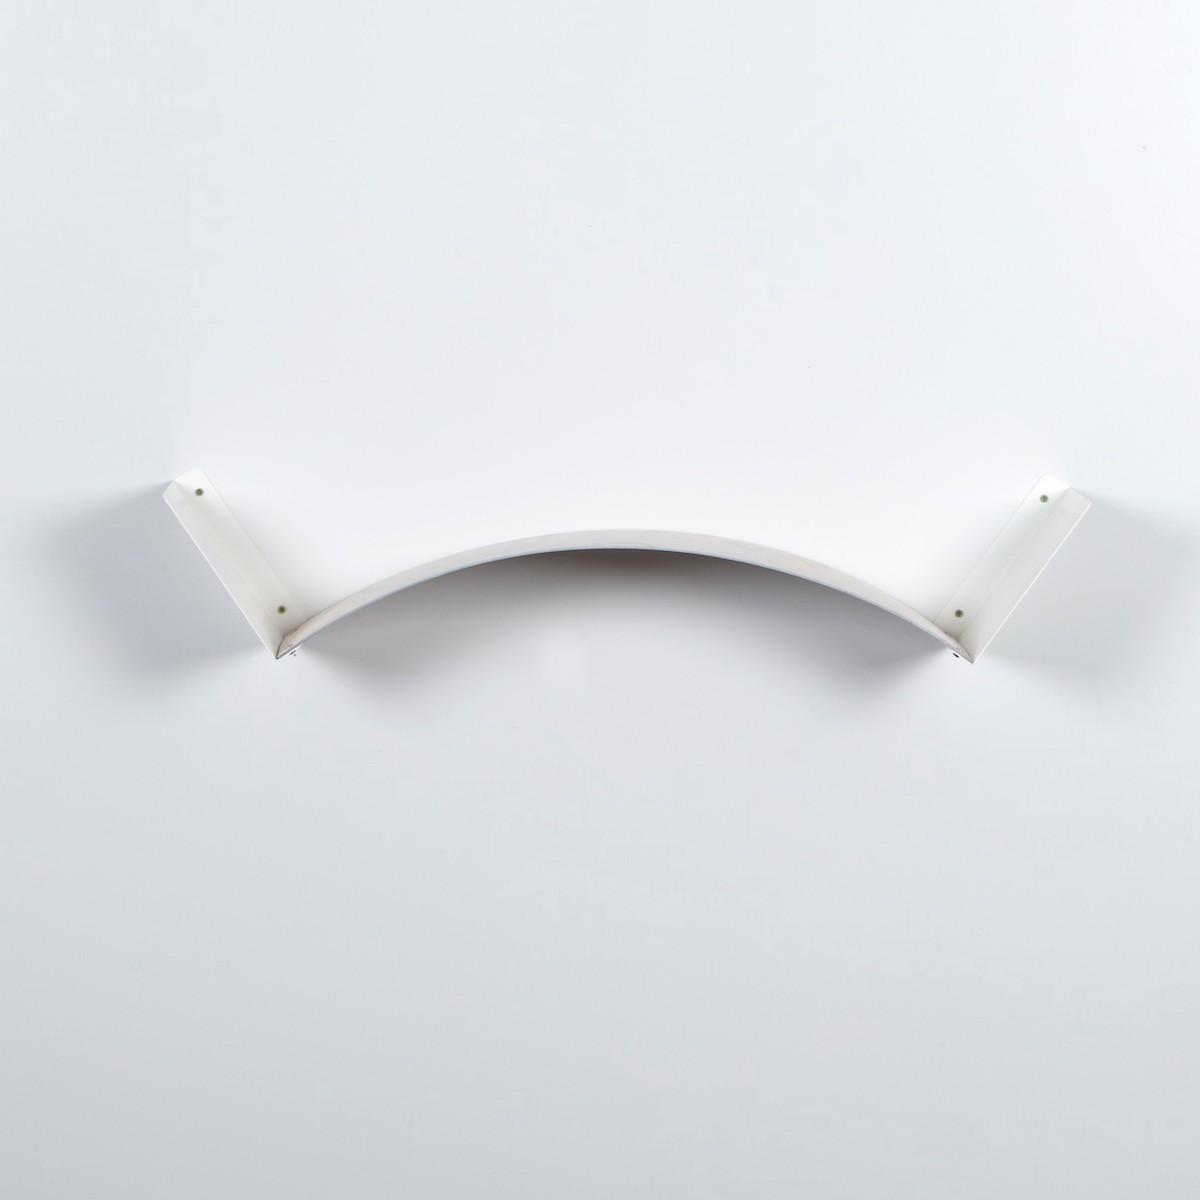 Mensola flessibile componibile da parete in legno l 75 cm flexa wood - Mensole da parete design ...